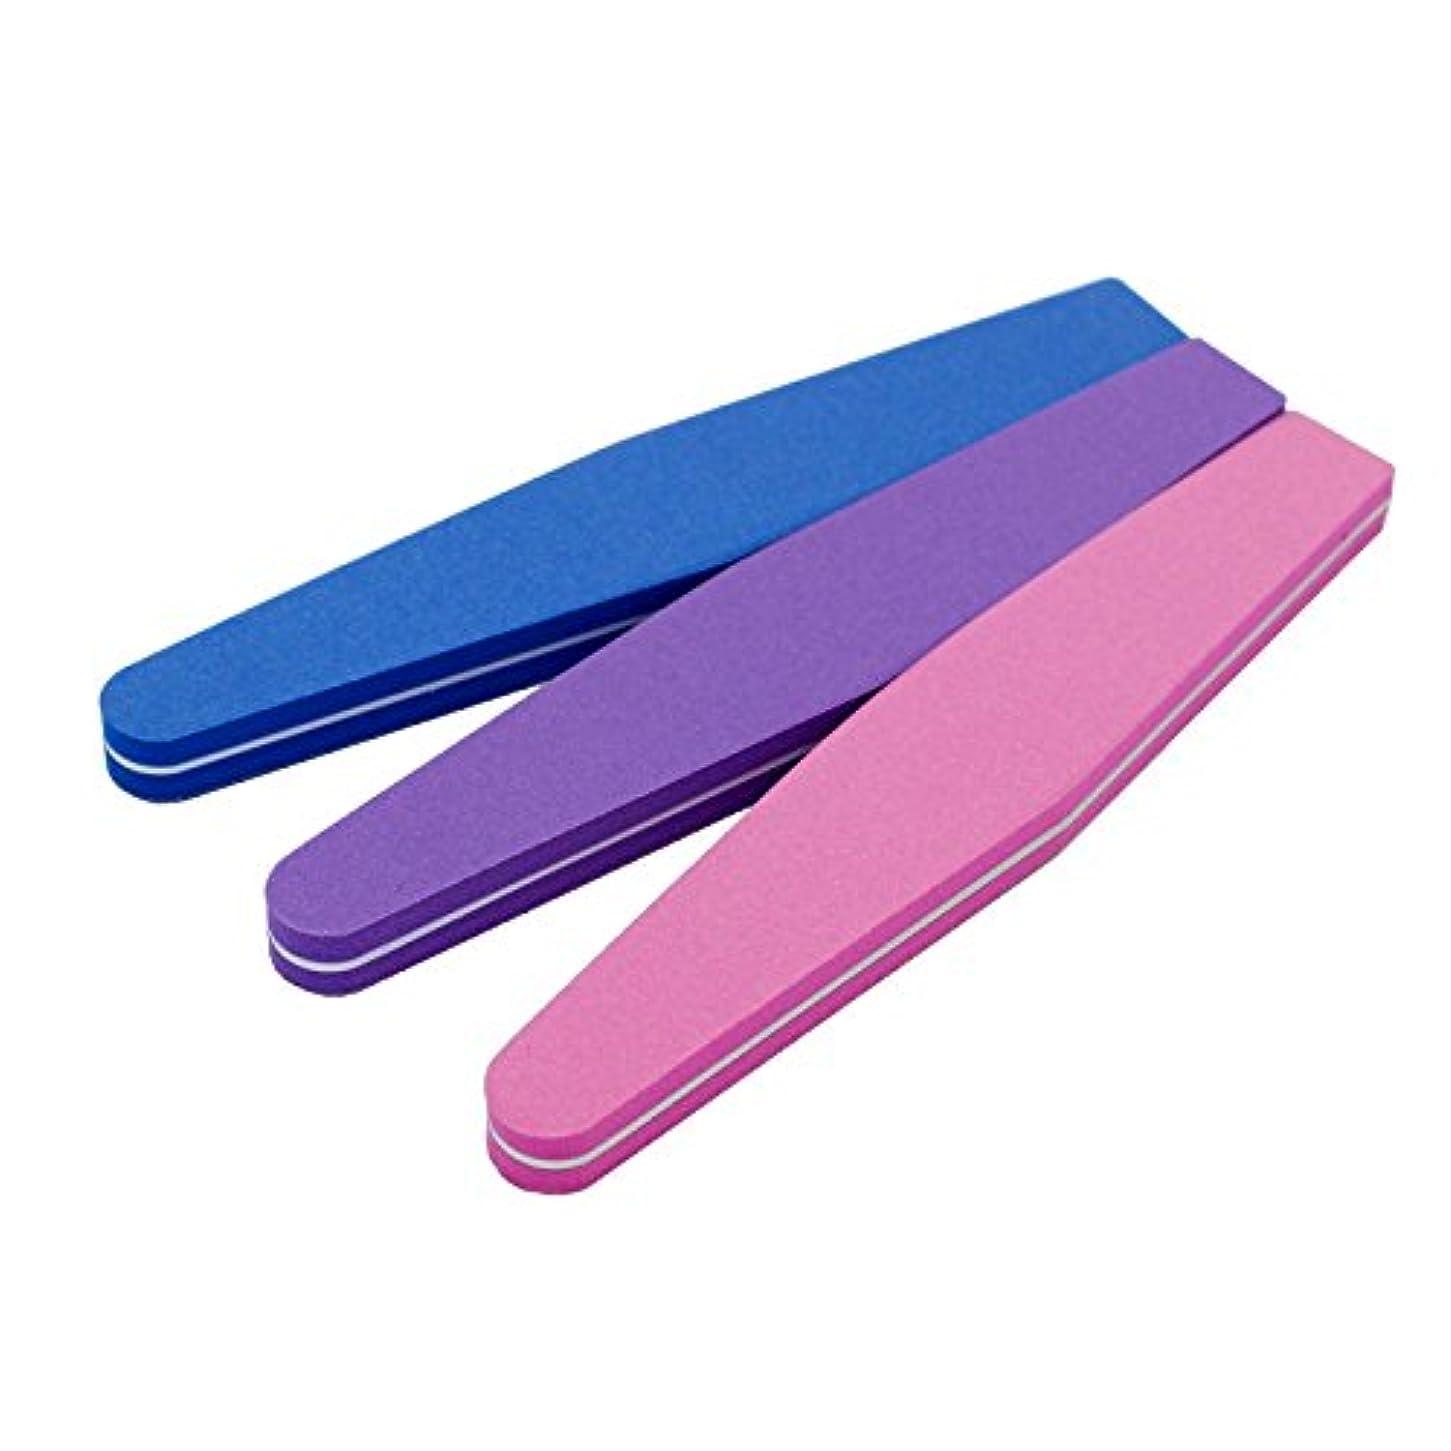 代わりの暗くする立ち寄るJomMart スポンジ ネイルファイル 爪用ヤスリ 3色セット(ピンク パープル ブルー) BY0040